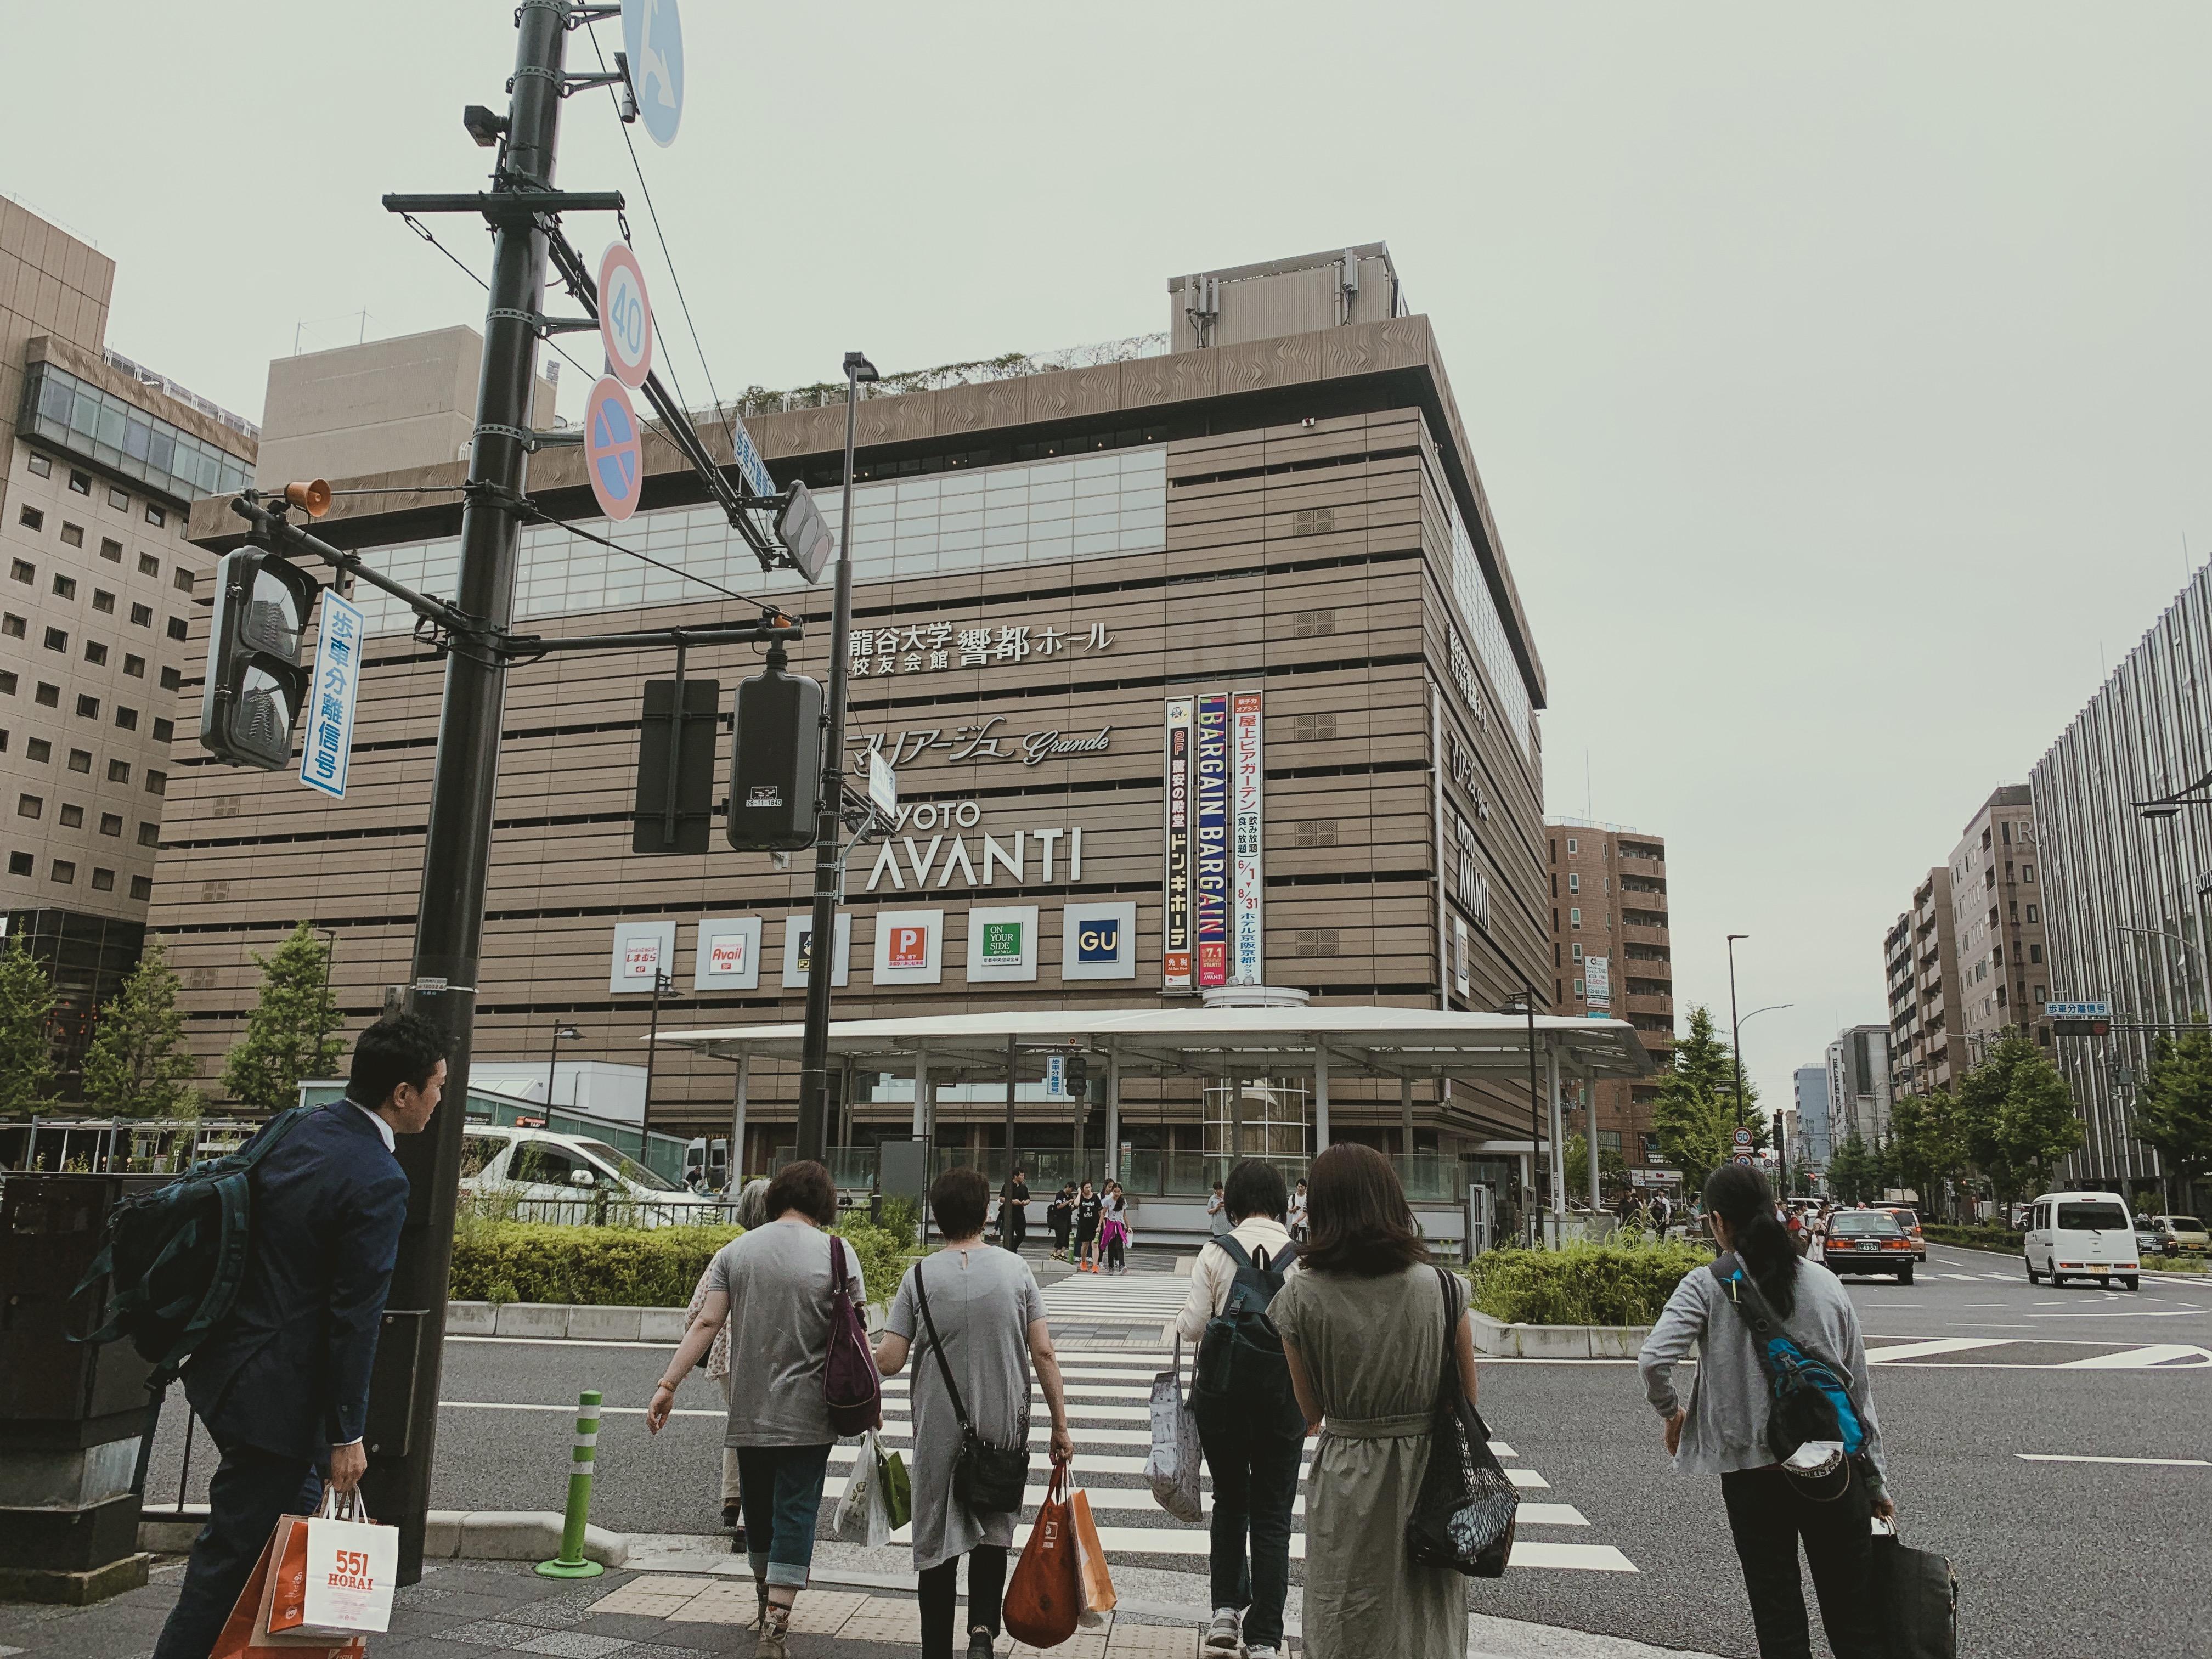 จุดขึ้น Kyoto Bus ติดกับห้าง Kyoto Avani